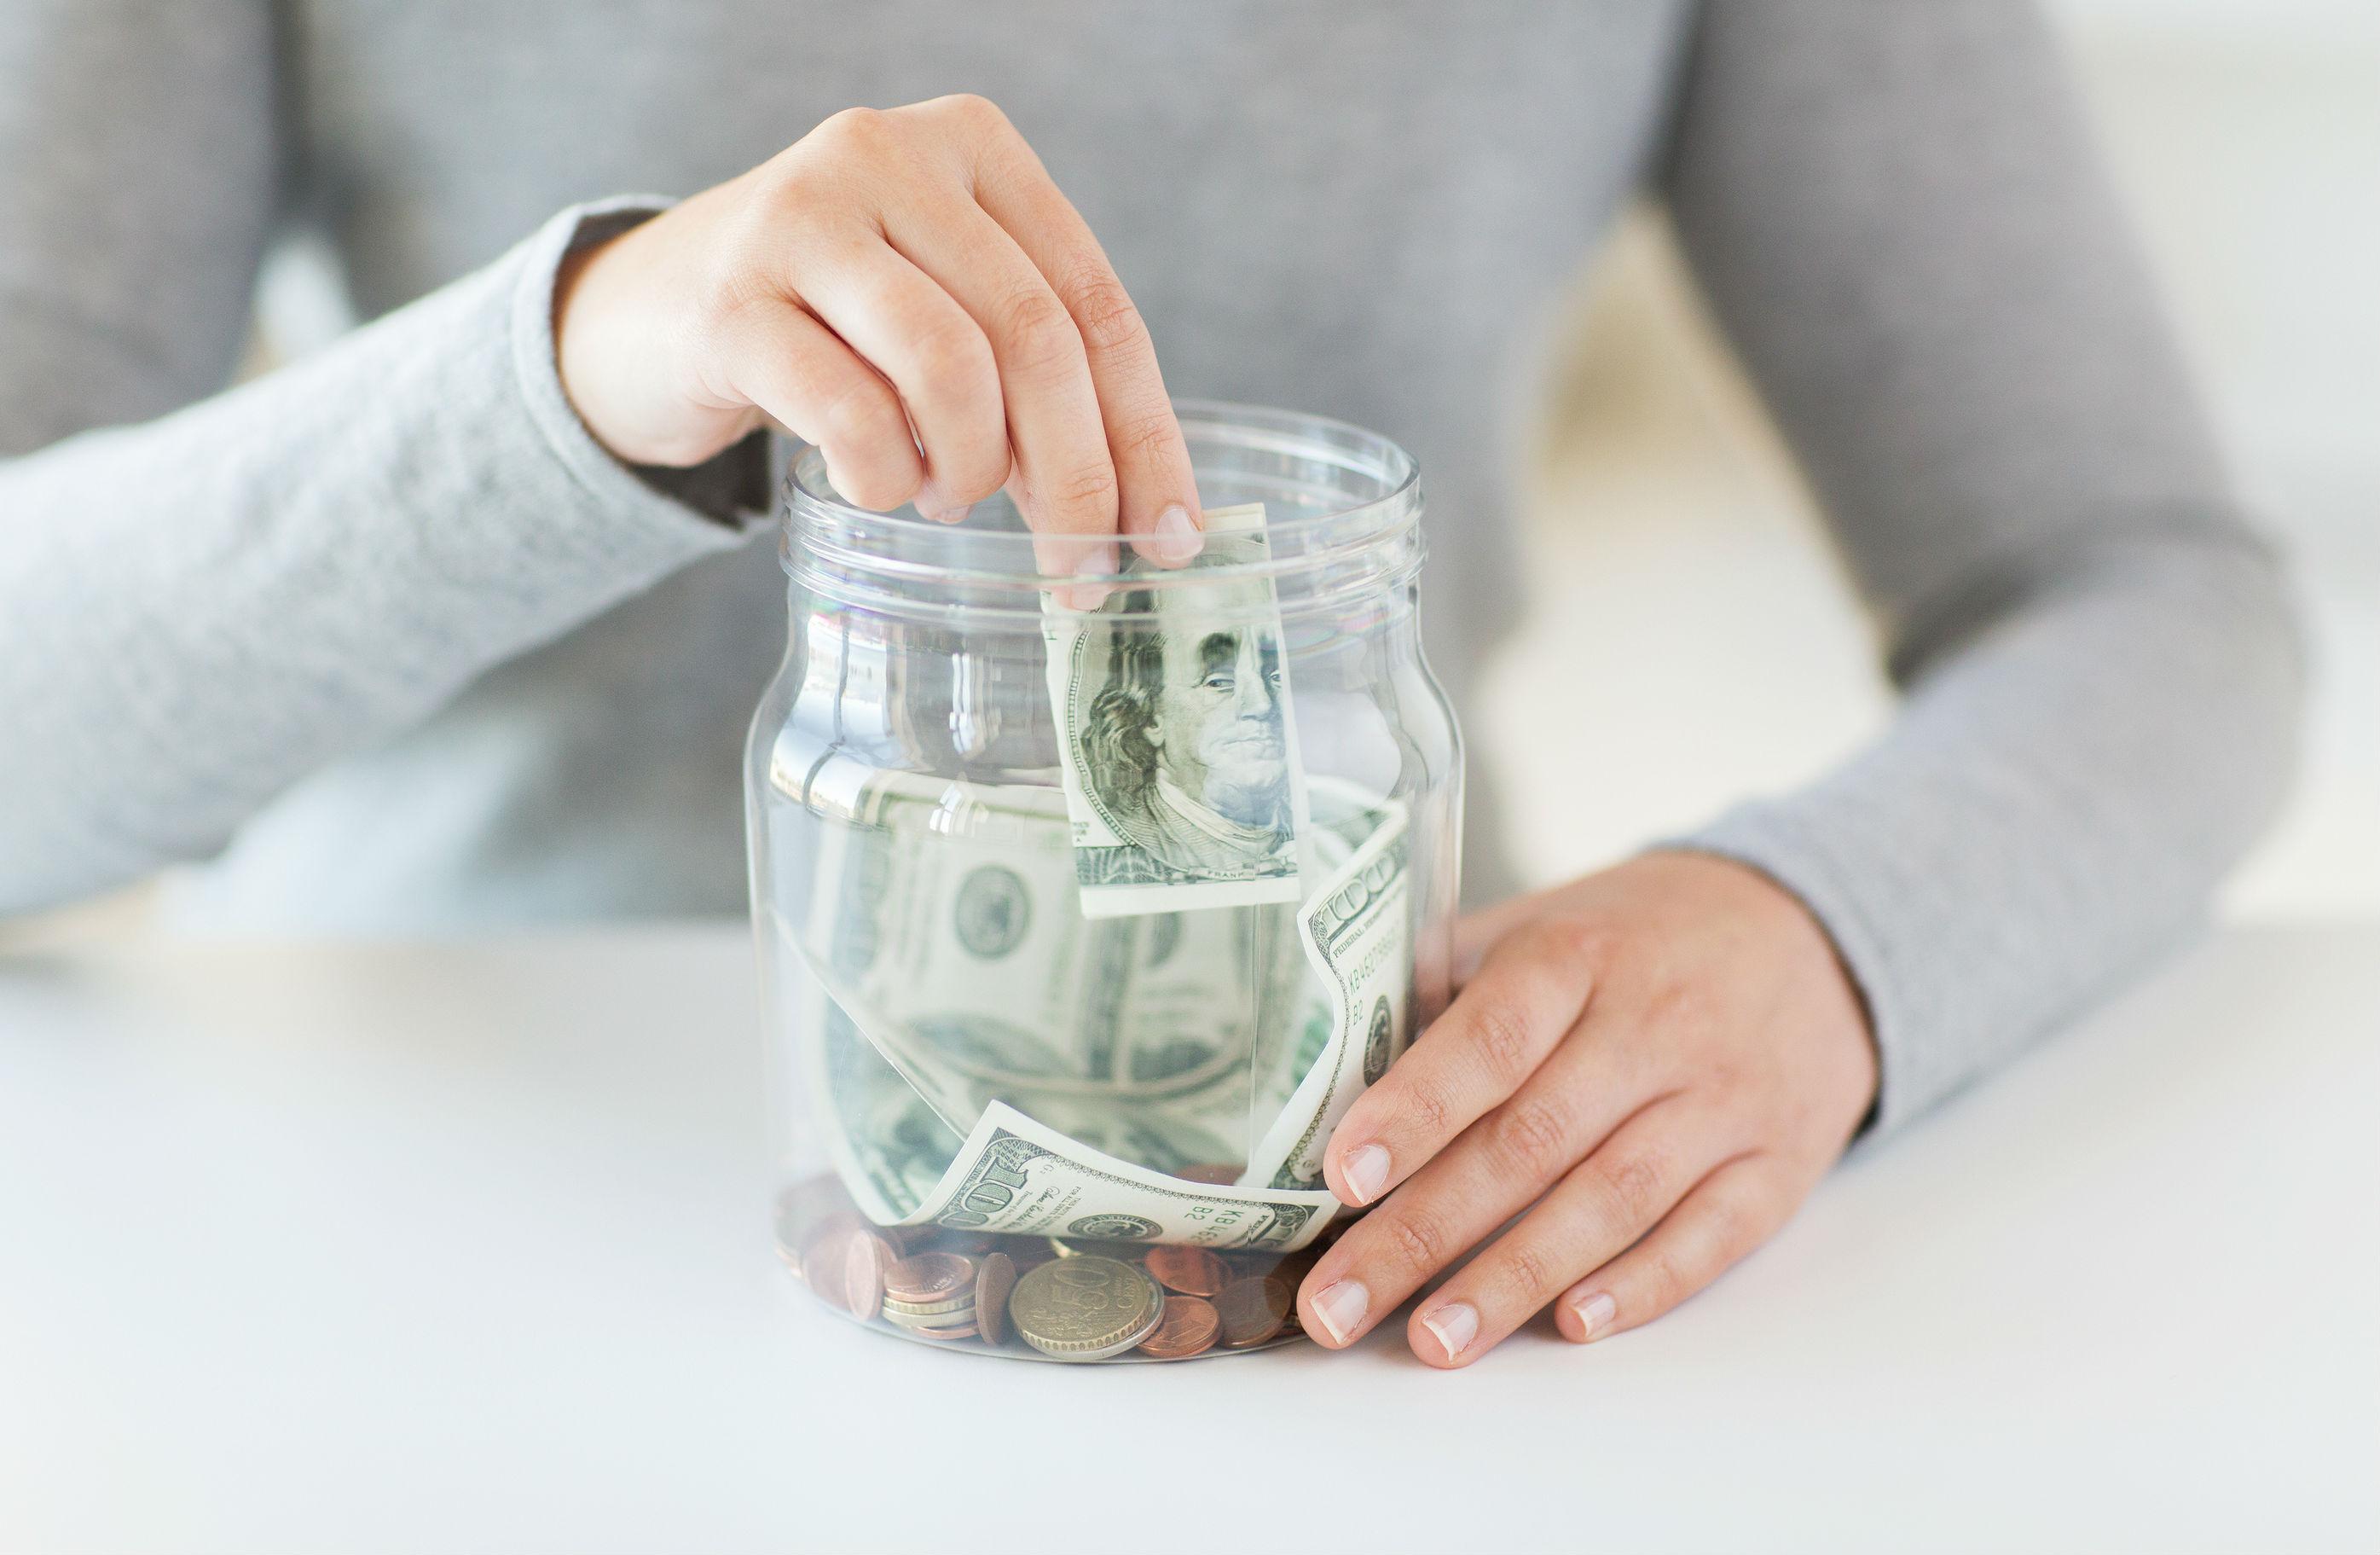 Bí quyết tích góp để mua nhà cho sinh viên mới ra trường